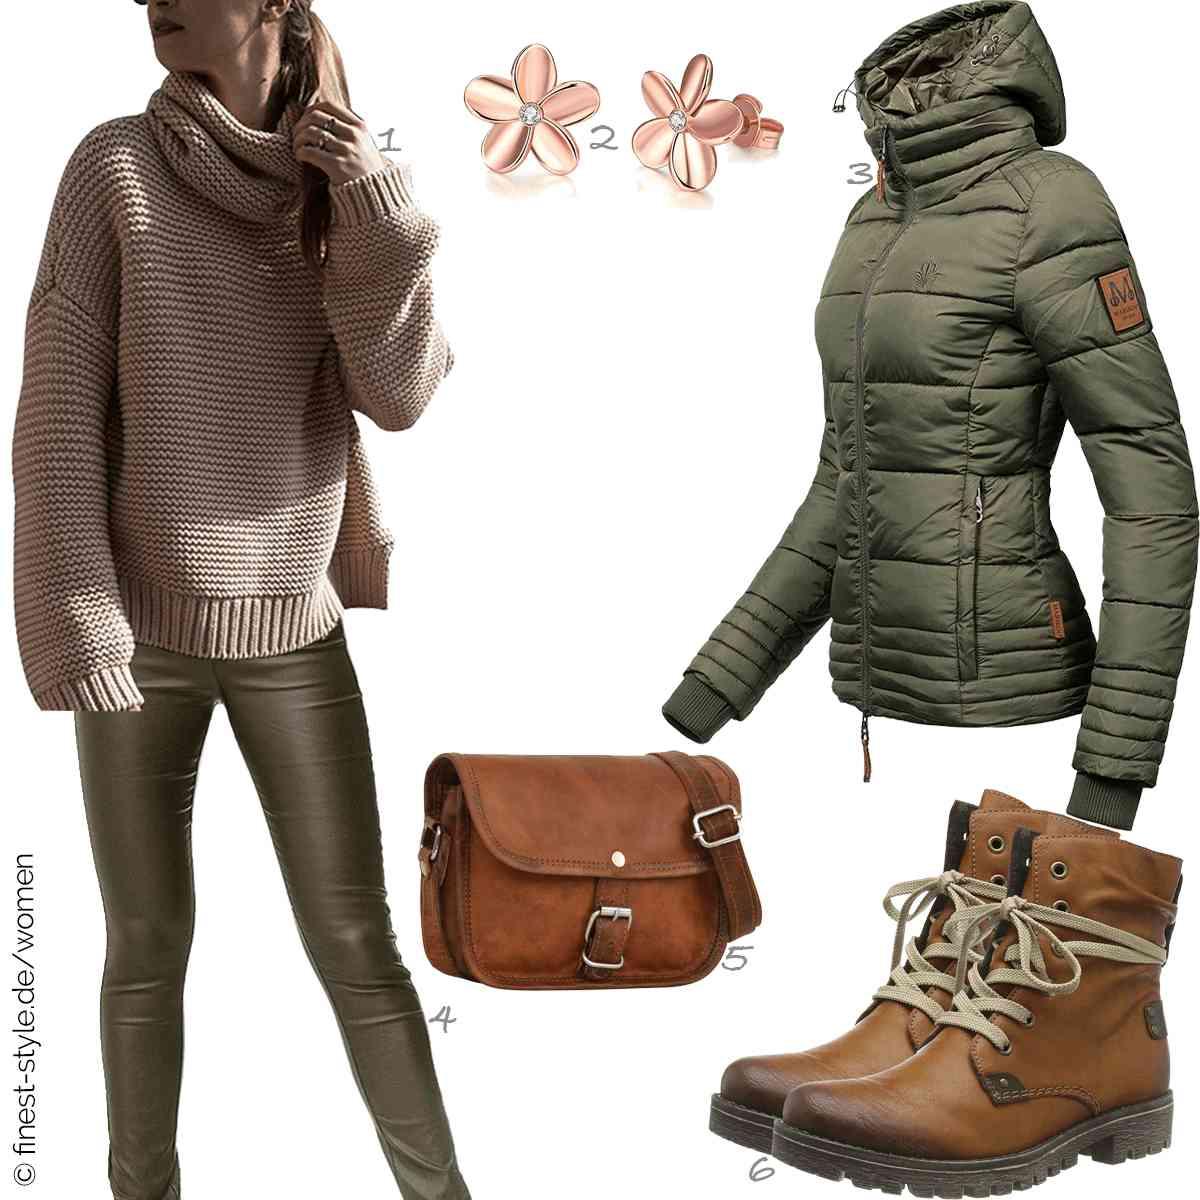 Top damen-Outfit im Finest-Trend-Style für ein selbstbewusstes Modegefühl mit tollen Produkten